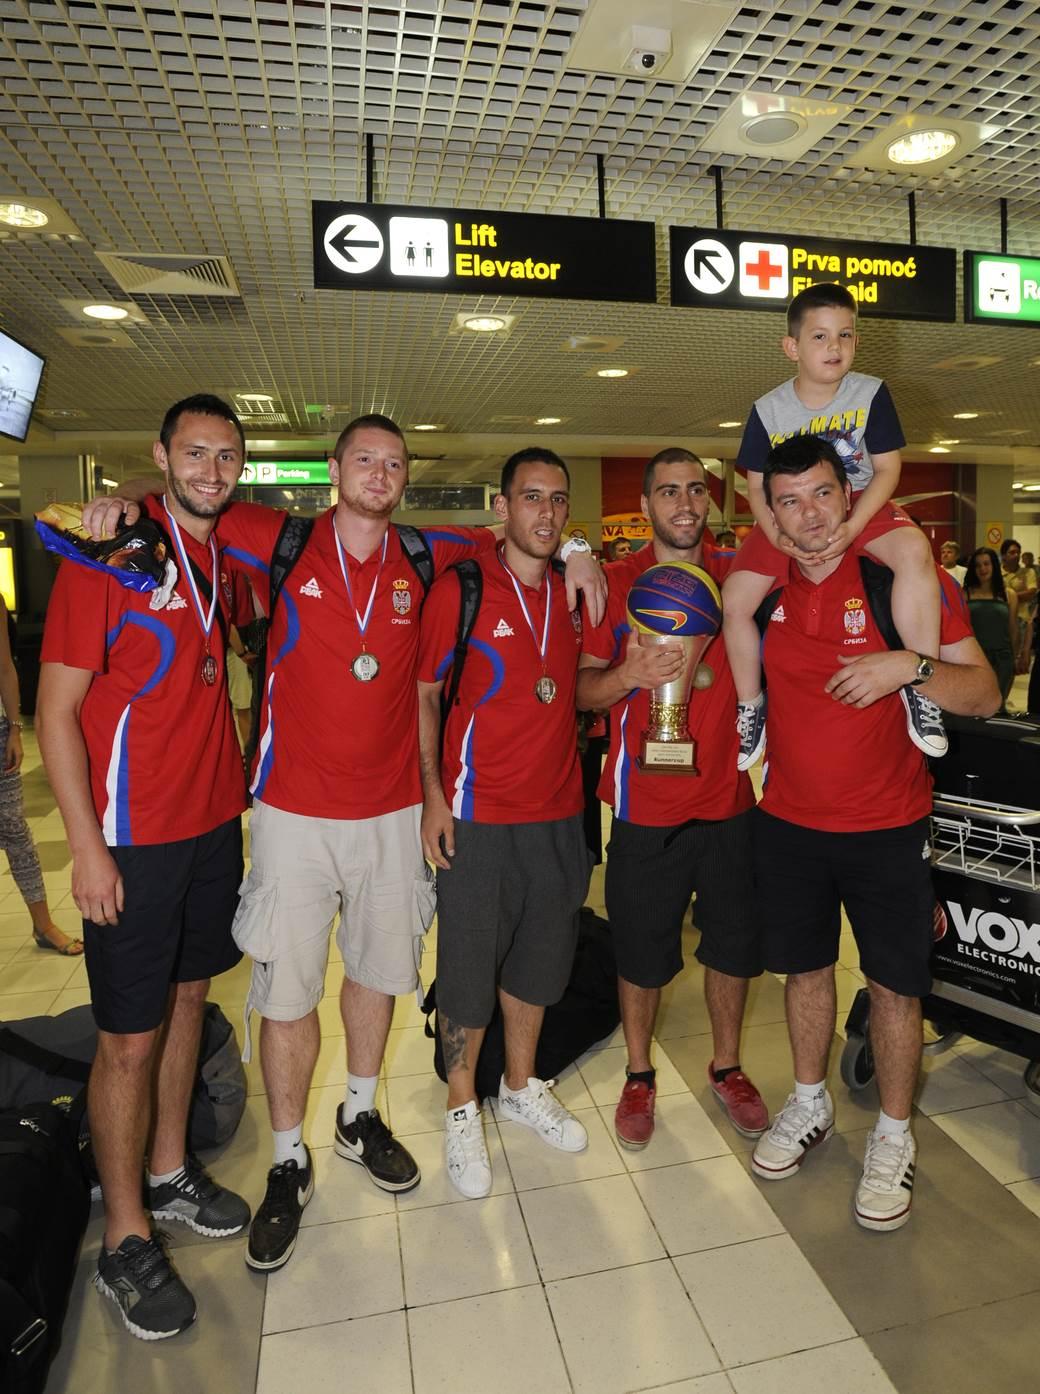 Najbolji basketaši sveta: Dejan Majstorović, Marko Savić, Marko Ždero, Dušan Domović Bulut i Goran Vojkić.